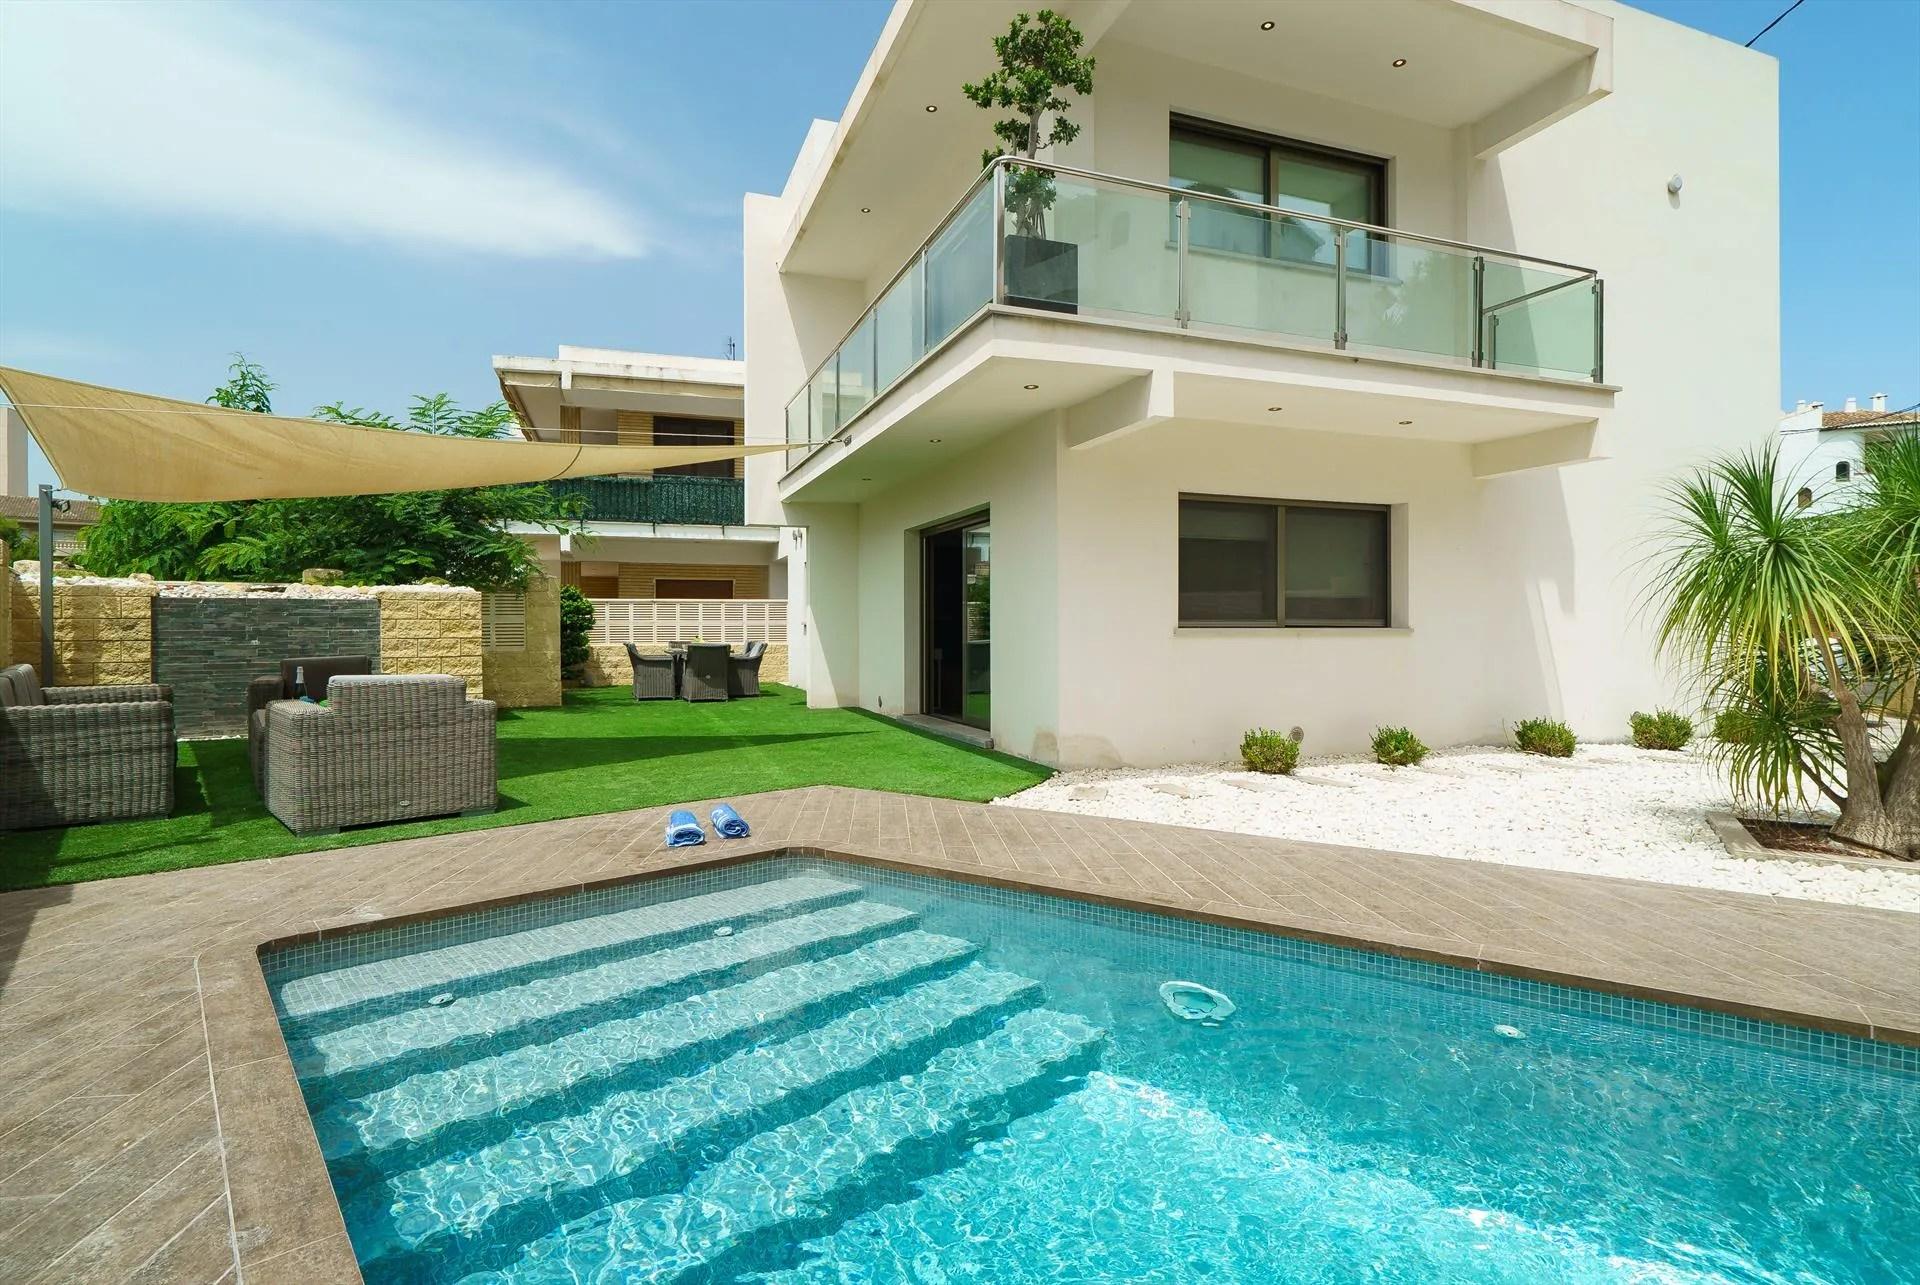 44.669 apartamentos en costa blanca a partir de 19 €/noche. Casa Javi 6 pax - Villa in Javea, Costa Blanca, Spain